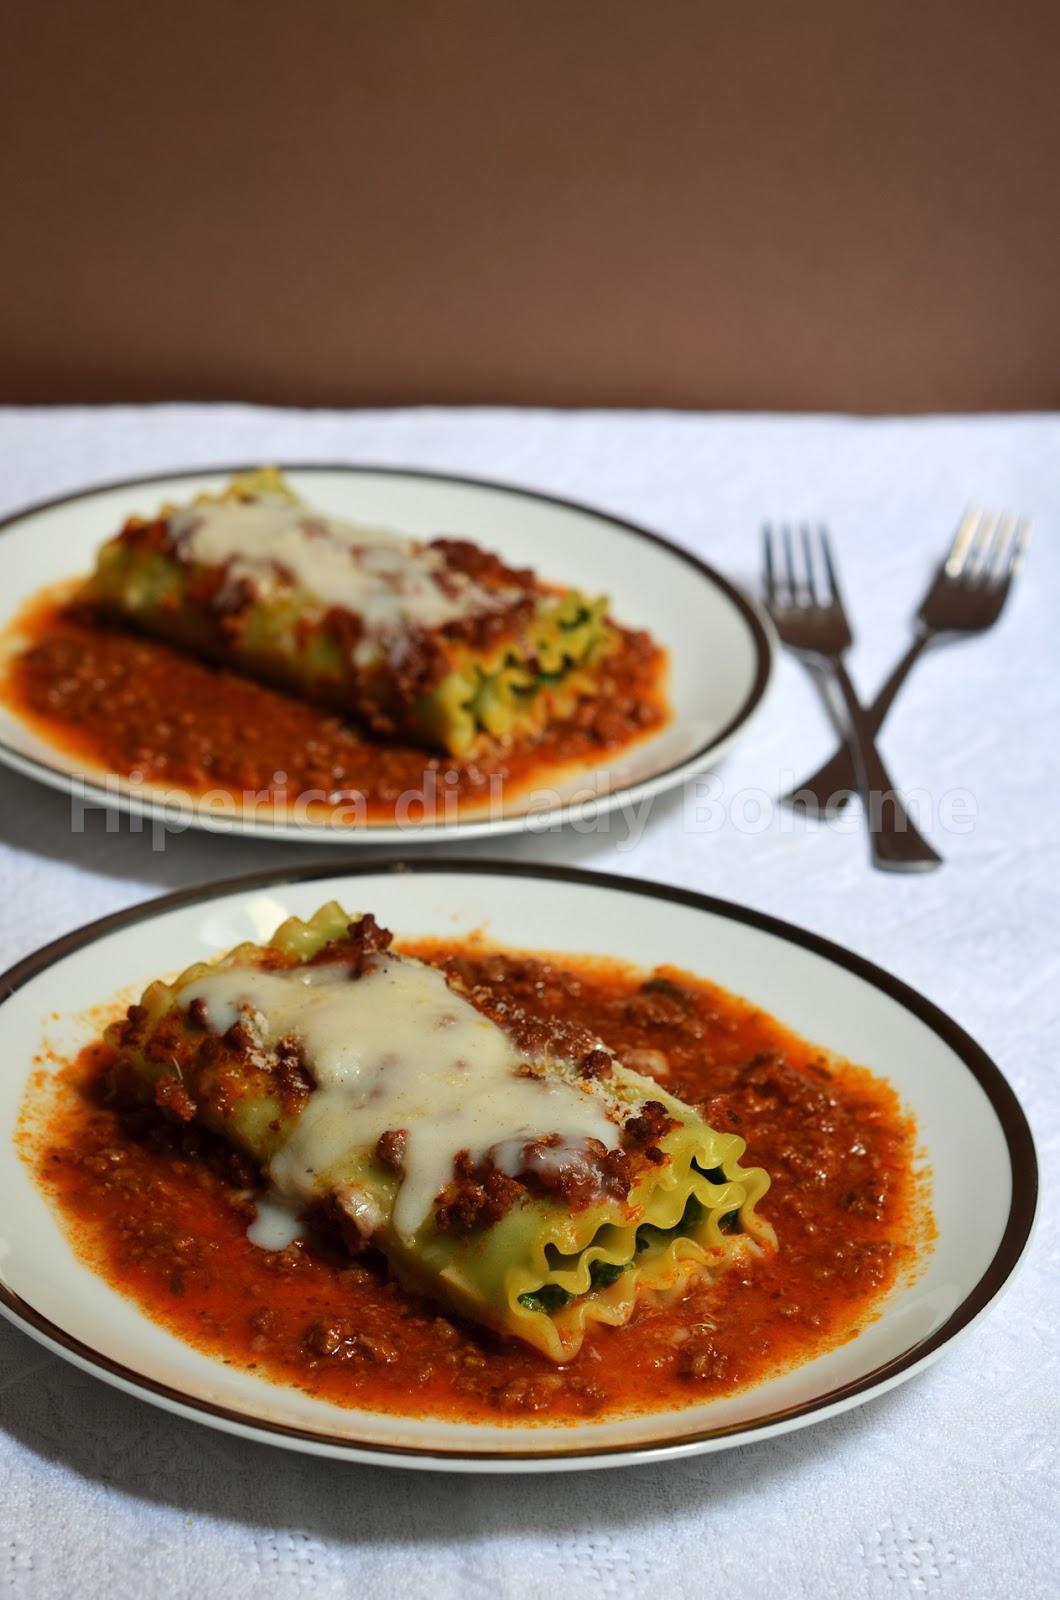 hiperica_lady_boheme_blog_di_cucina_ricette_gustose_facili_veloci_lasagna_riccia_arrotolata_con_ricotta_e_spinaci_2